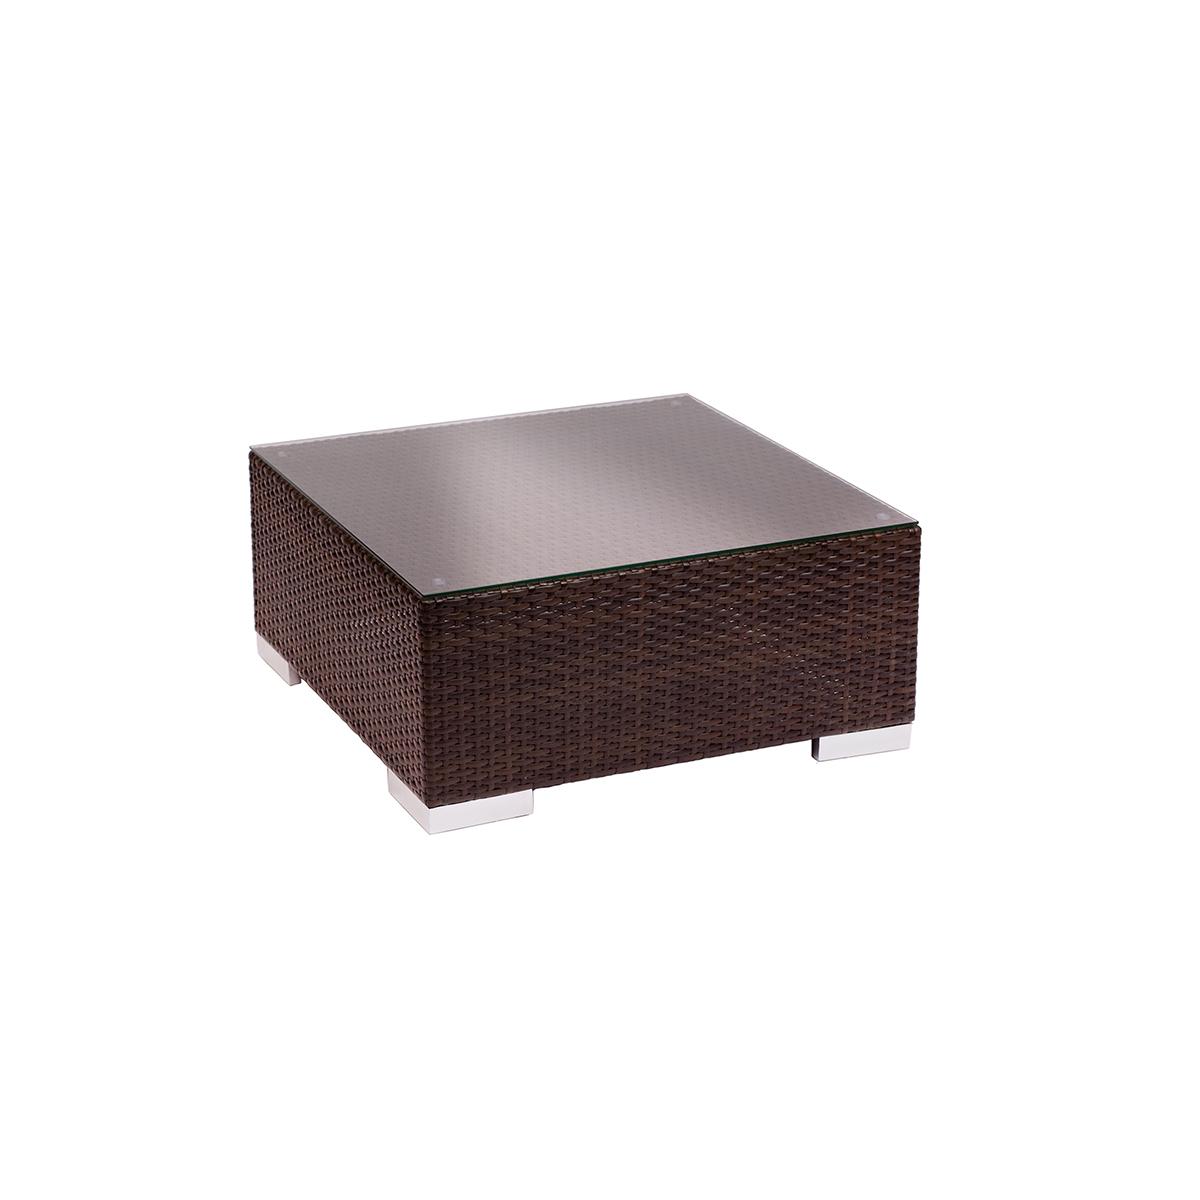 weave outdoor cofffee table in dark brown